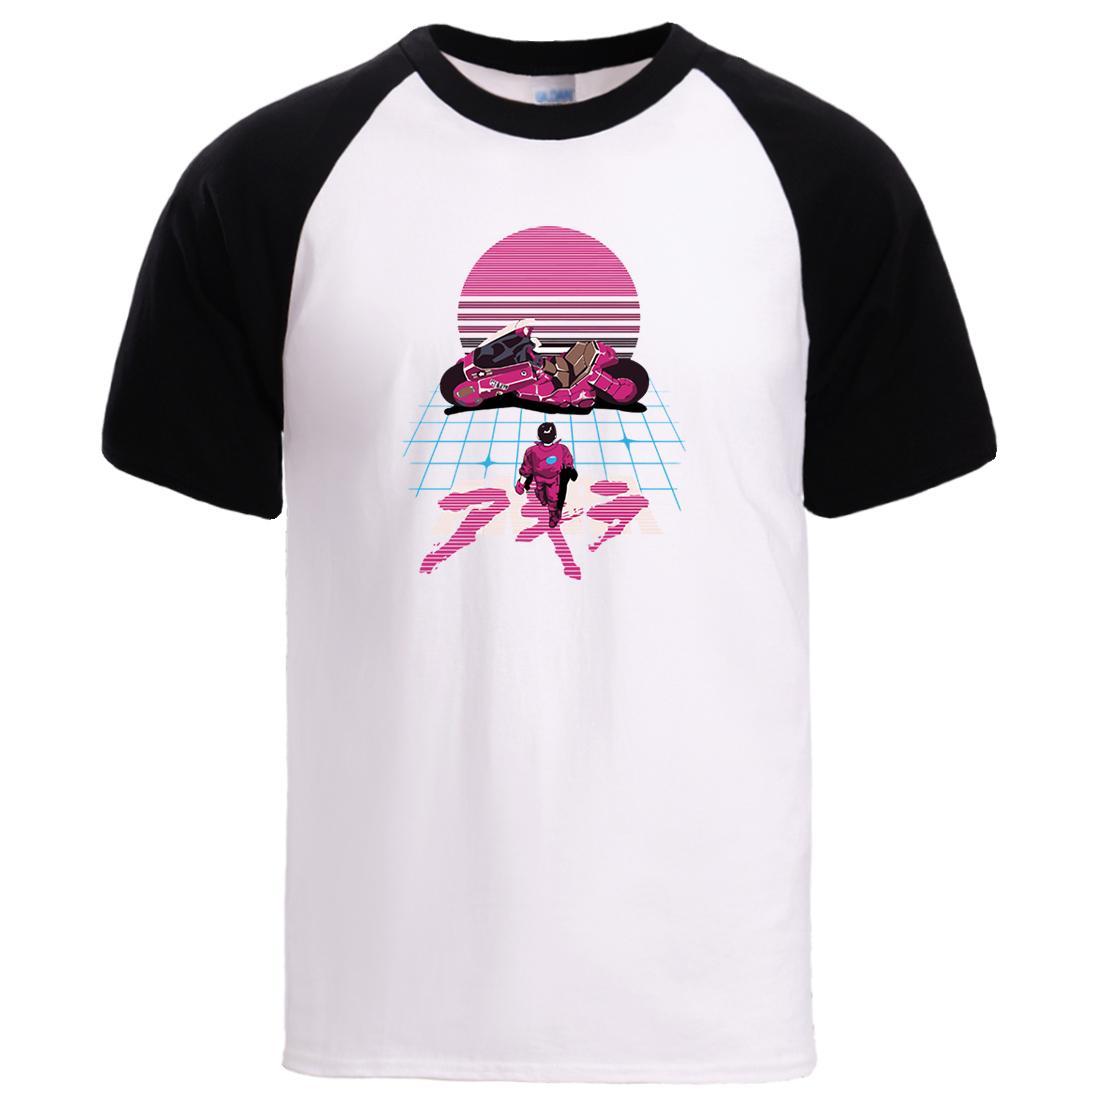 camisas para hombre de las camisetas Akira Synthwave Loose T 2020 verano manga corta de algodón Streetwear Hombre Raglan ocasional de las camisetas Top Camiseta del hombre